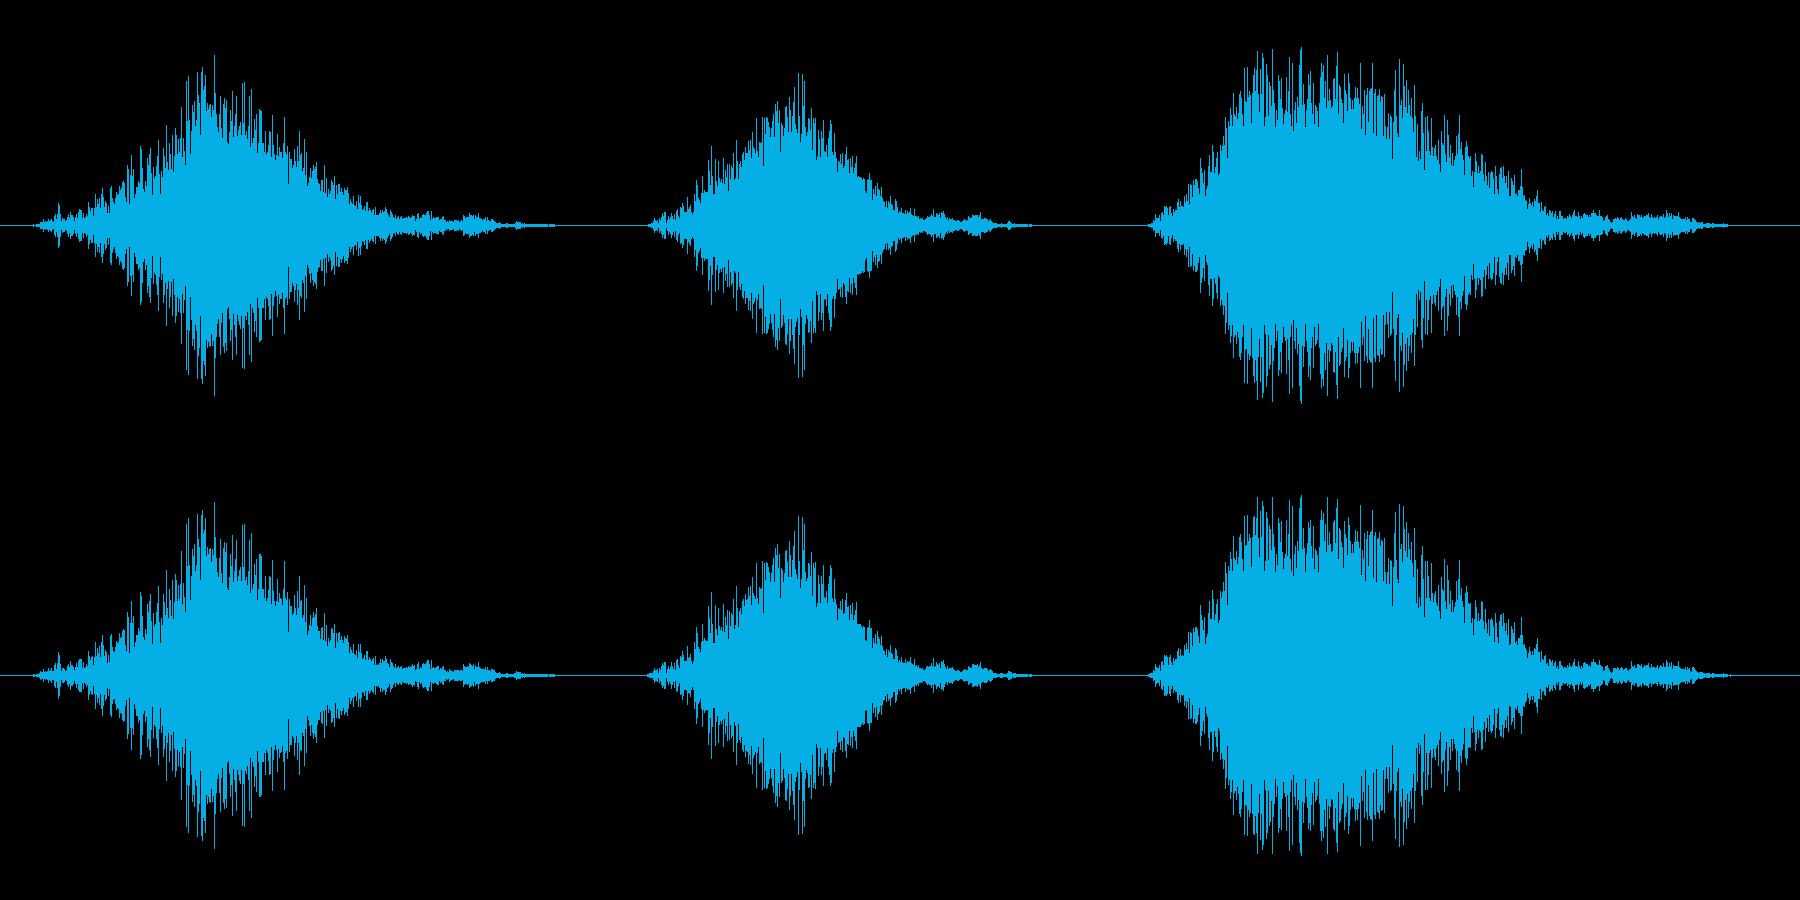 いくつかの遅いライオンのar音の要素の再生済みの波形